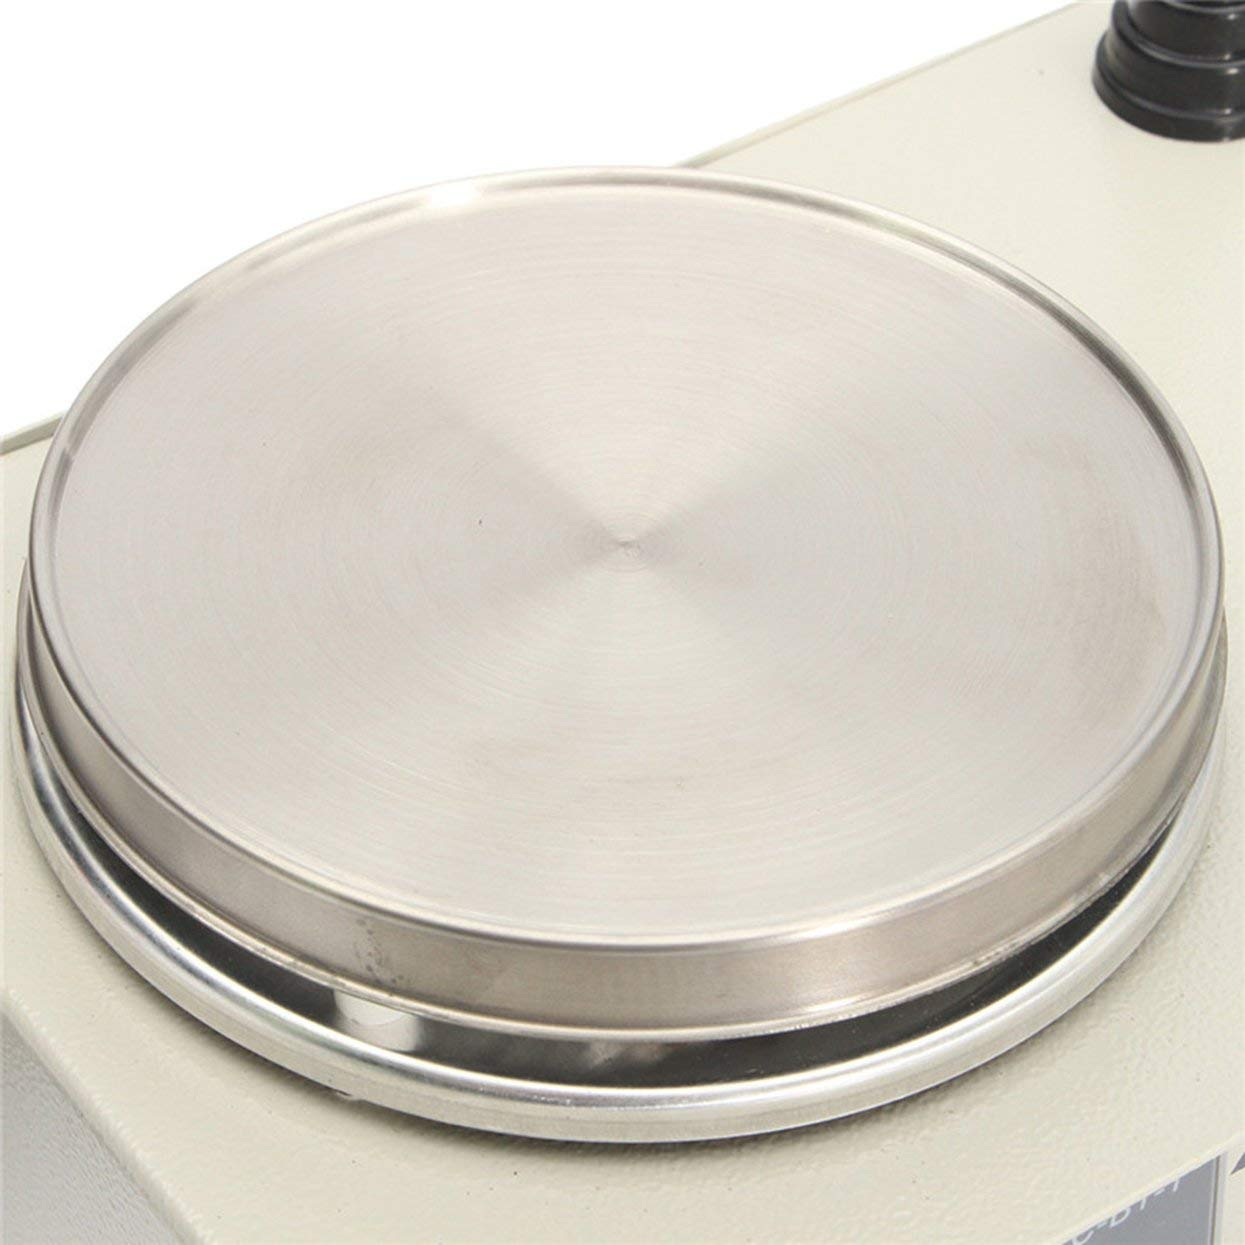 UU UE Reino Unido AU Enchufe 85-2 Mezclador de Placa calefactora Agitador magn/ético con Placa calefactora Pantalla Digital Equipo de Laboratorio Escolar EE